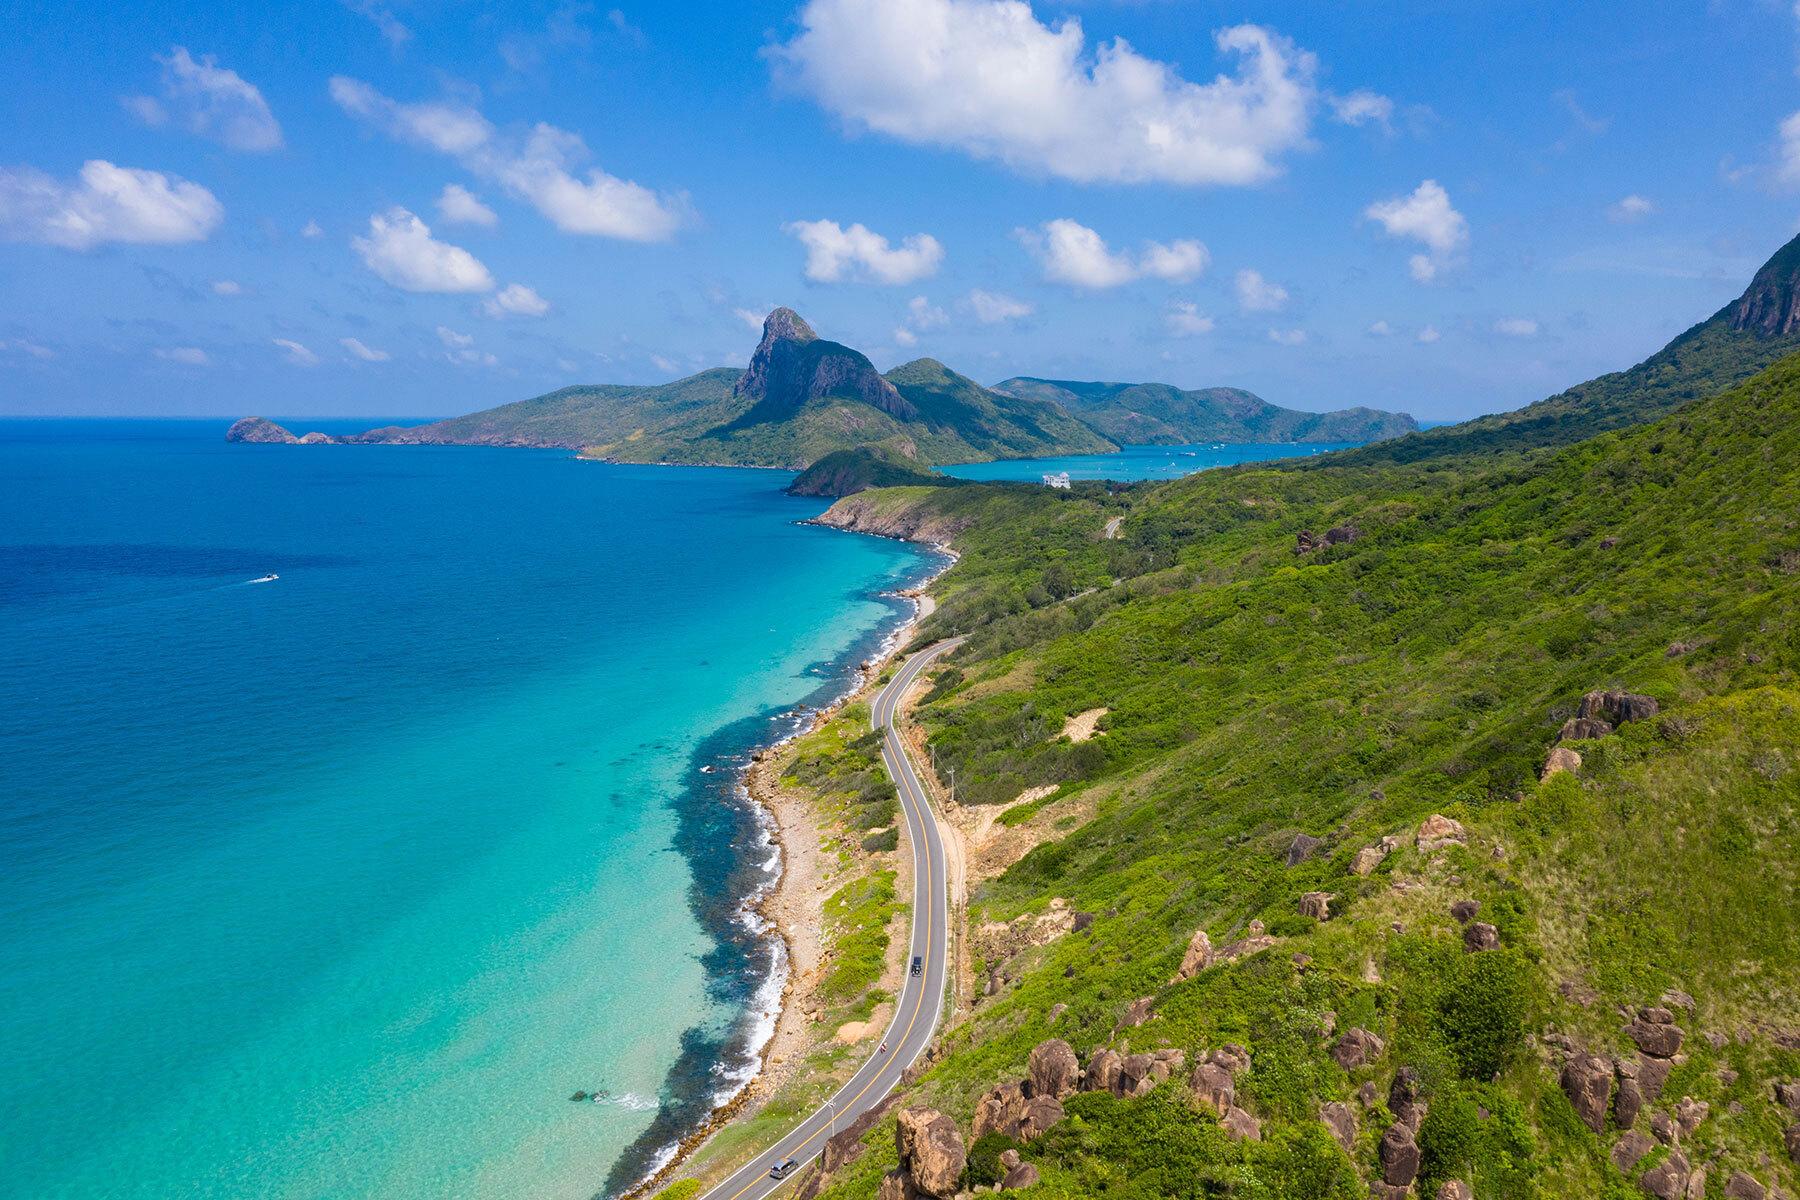 Kinh nghiệm đến 'thiên đường du lịch' Côn Đảo